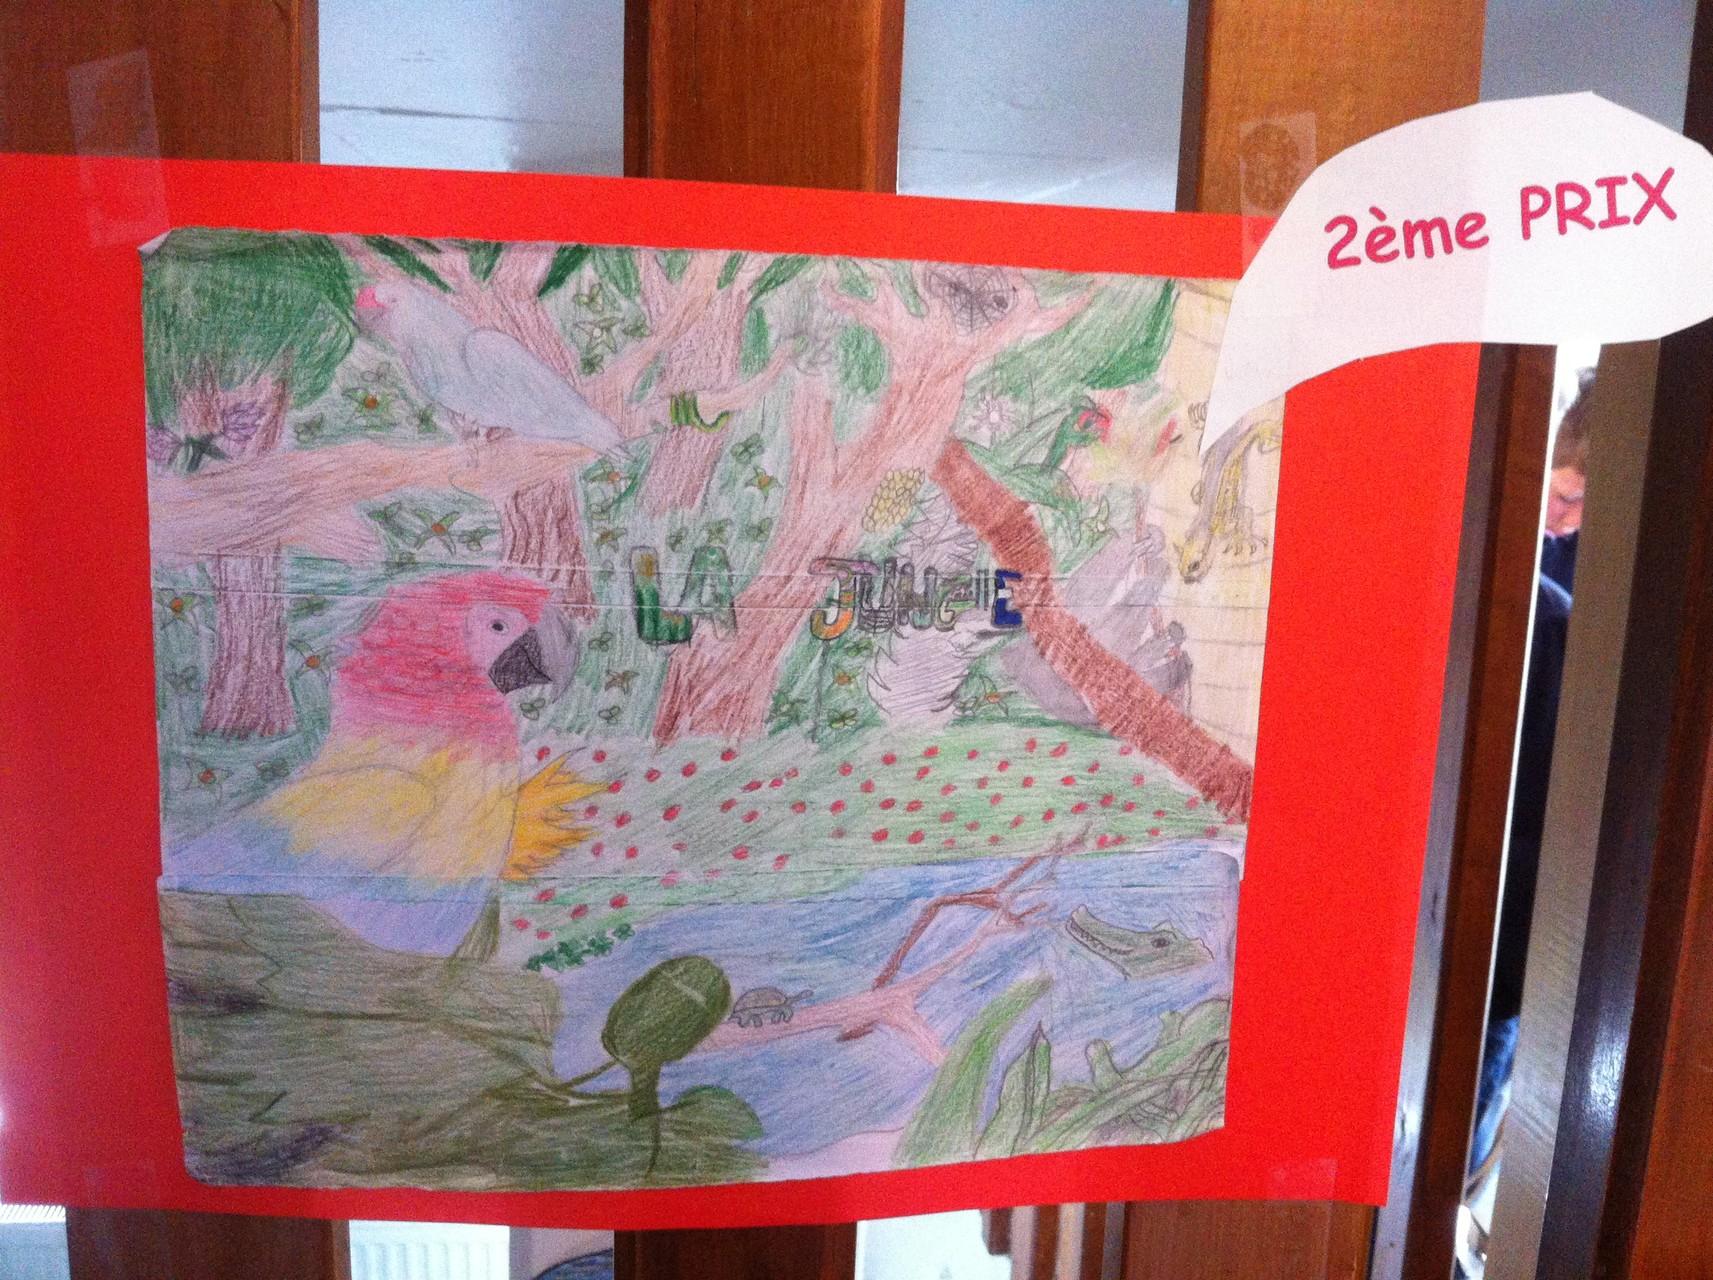 2ème prix (ex aequo) : La jungle